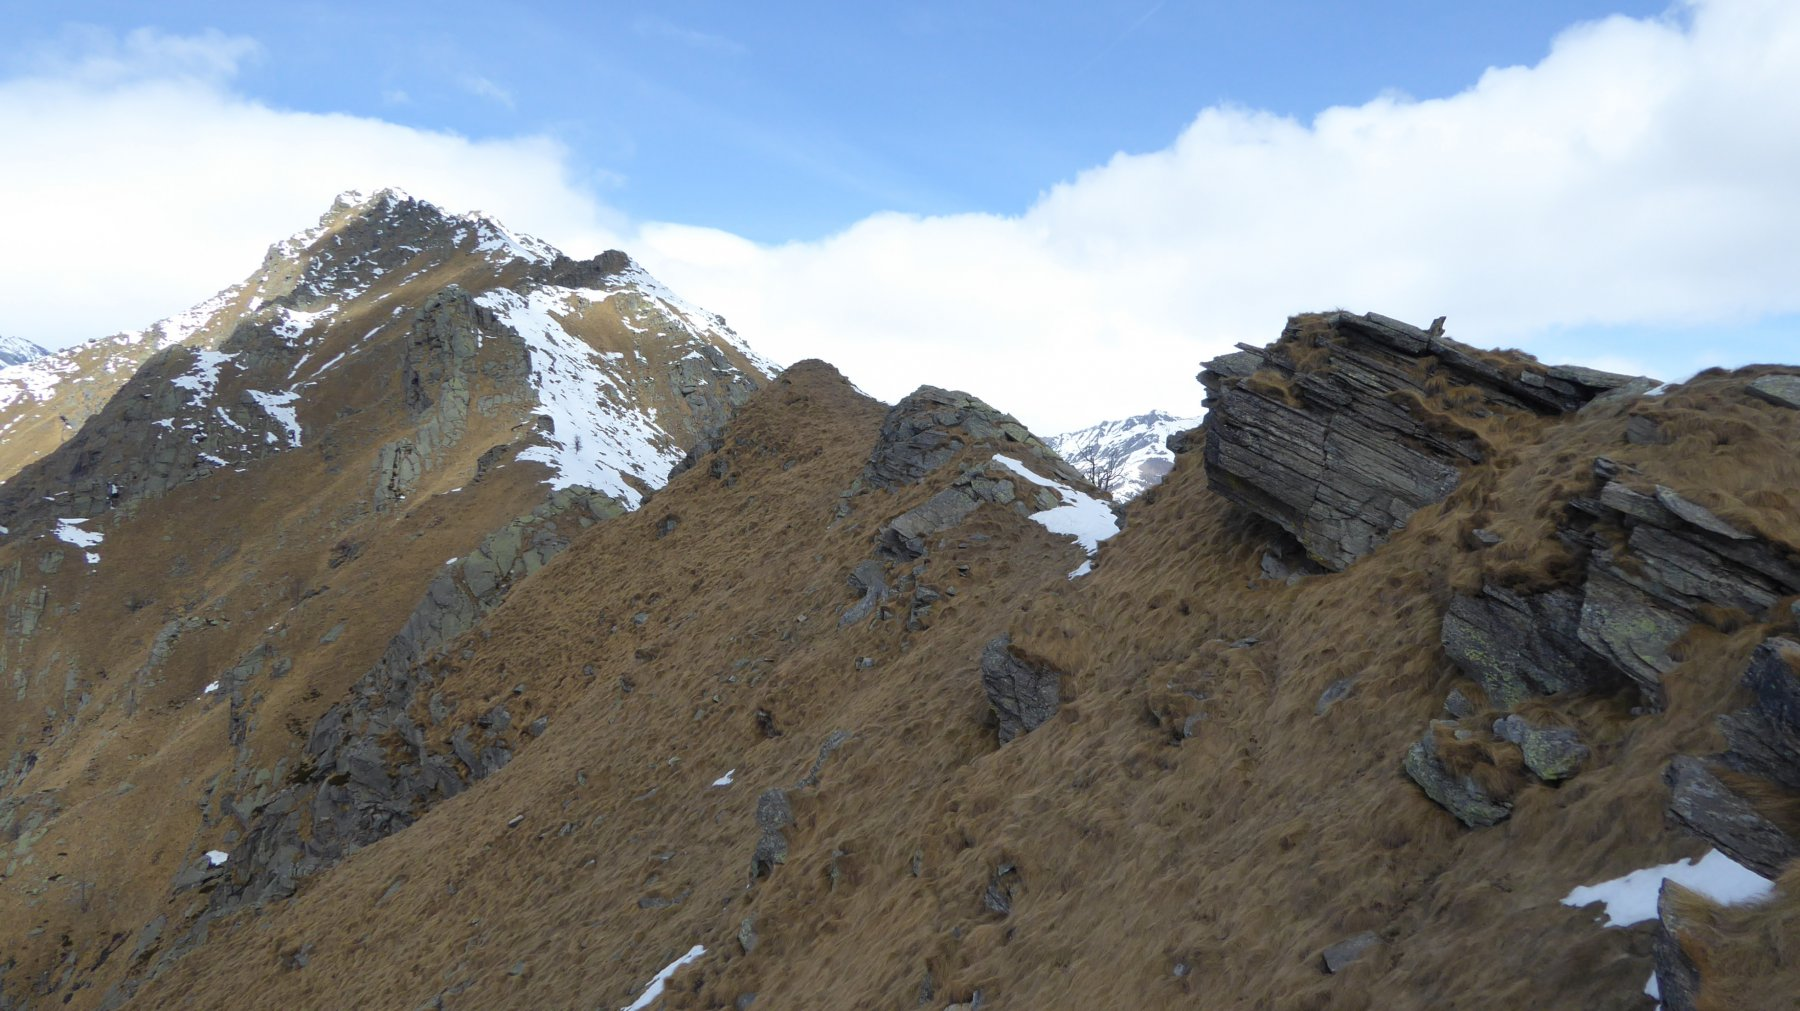 In primo piano al centro, l'erbosa Punta Furchia, in fondo, la Cima Fer 2621